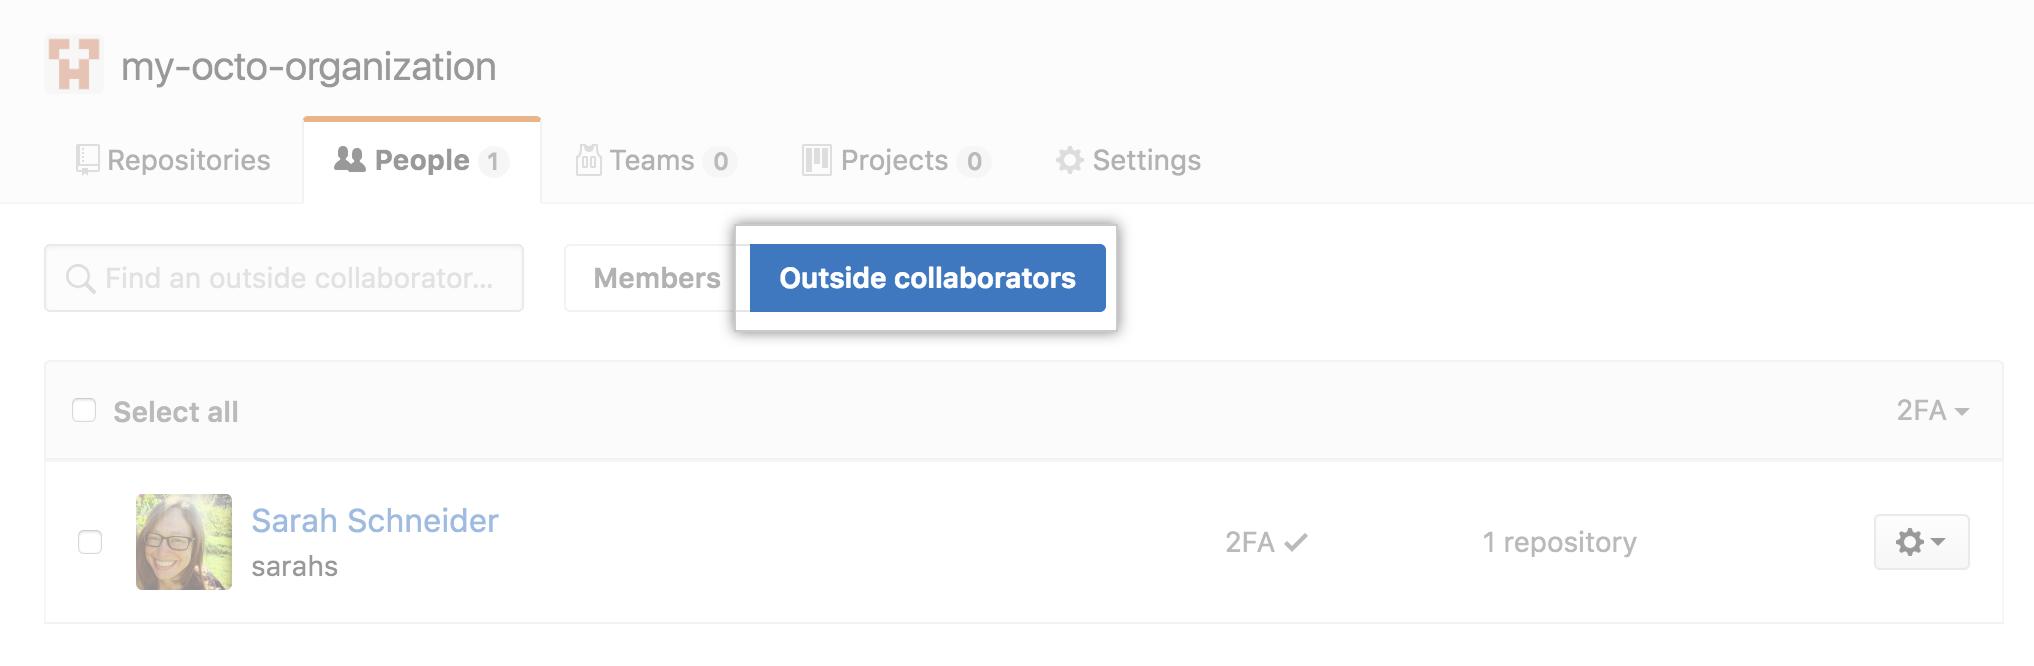 Botón para seleccionar colaboradores externos para una organización